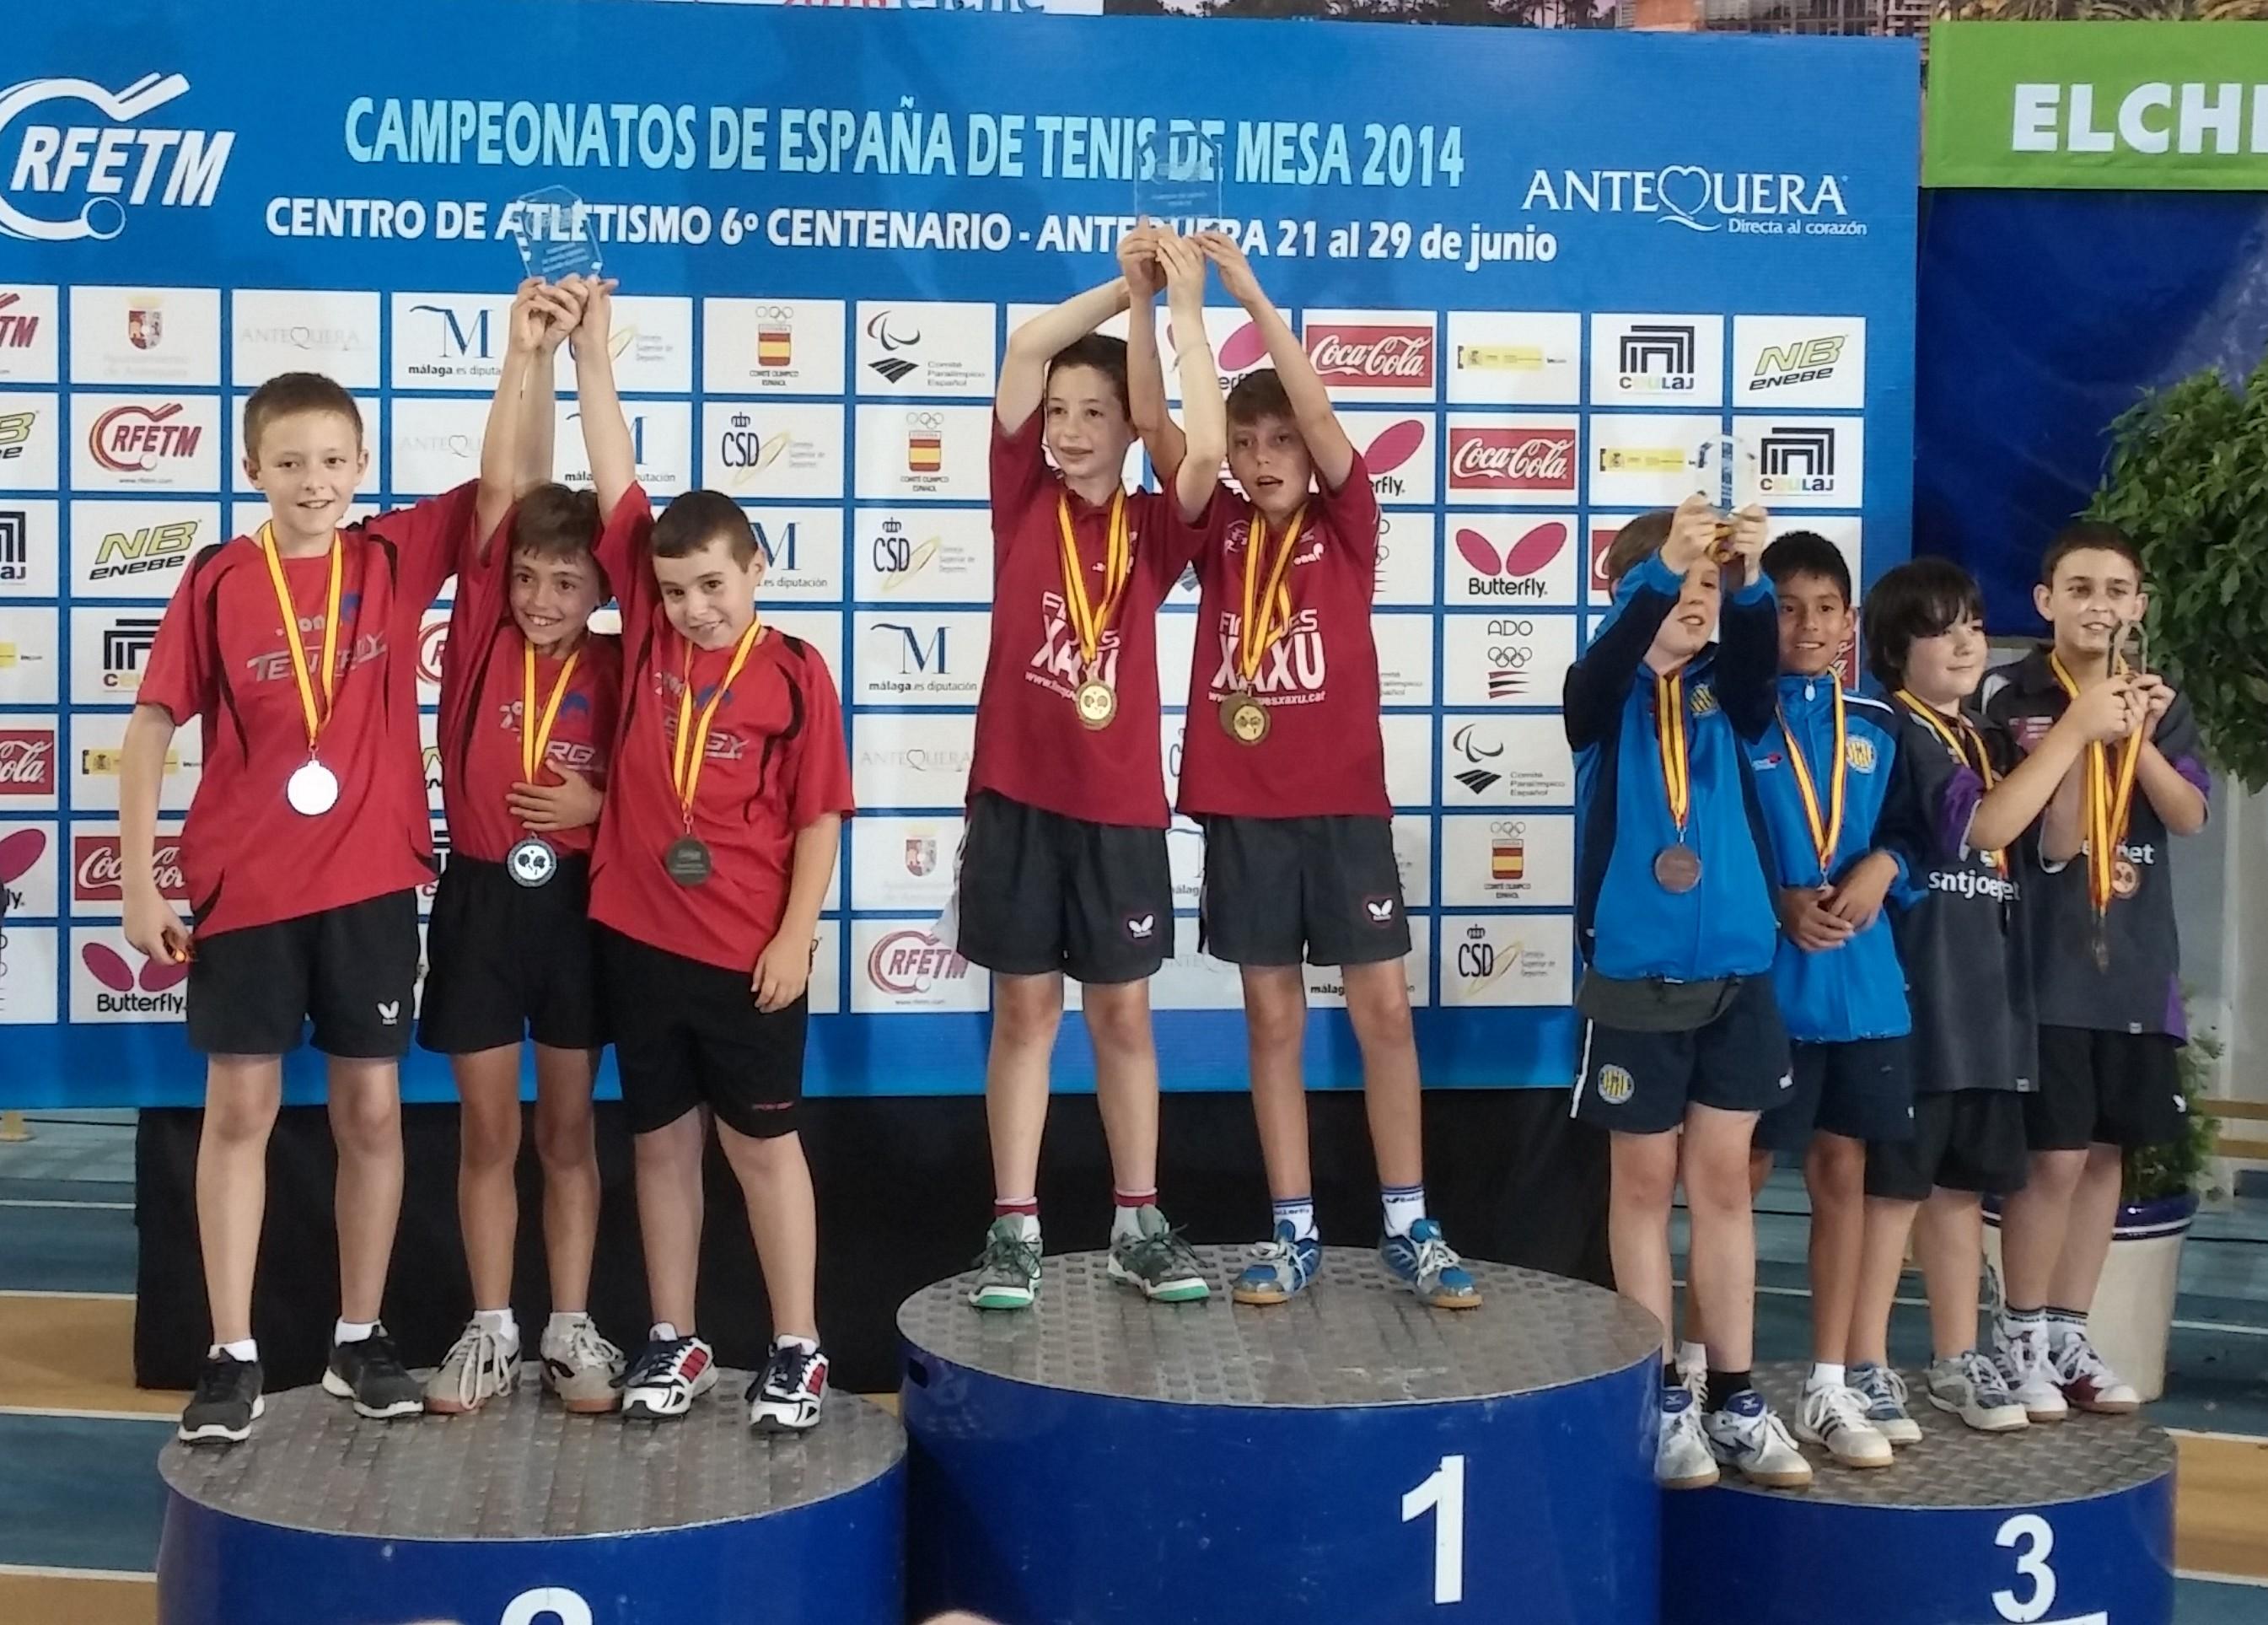 Campionats d´Espanya benjamins a Antequera juny 2014